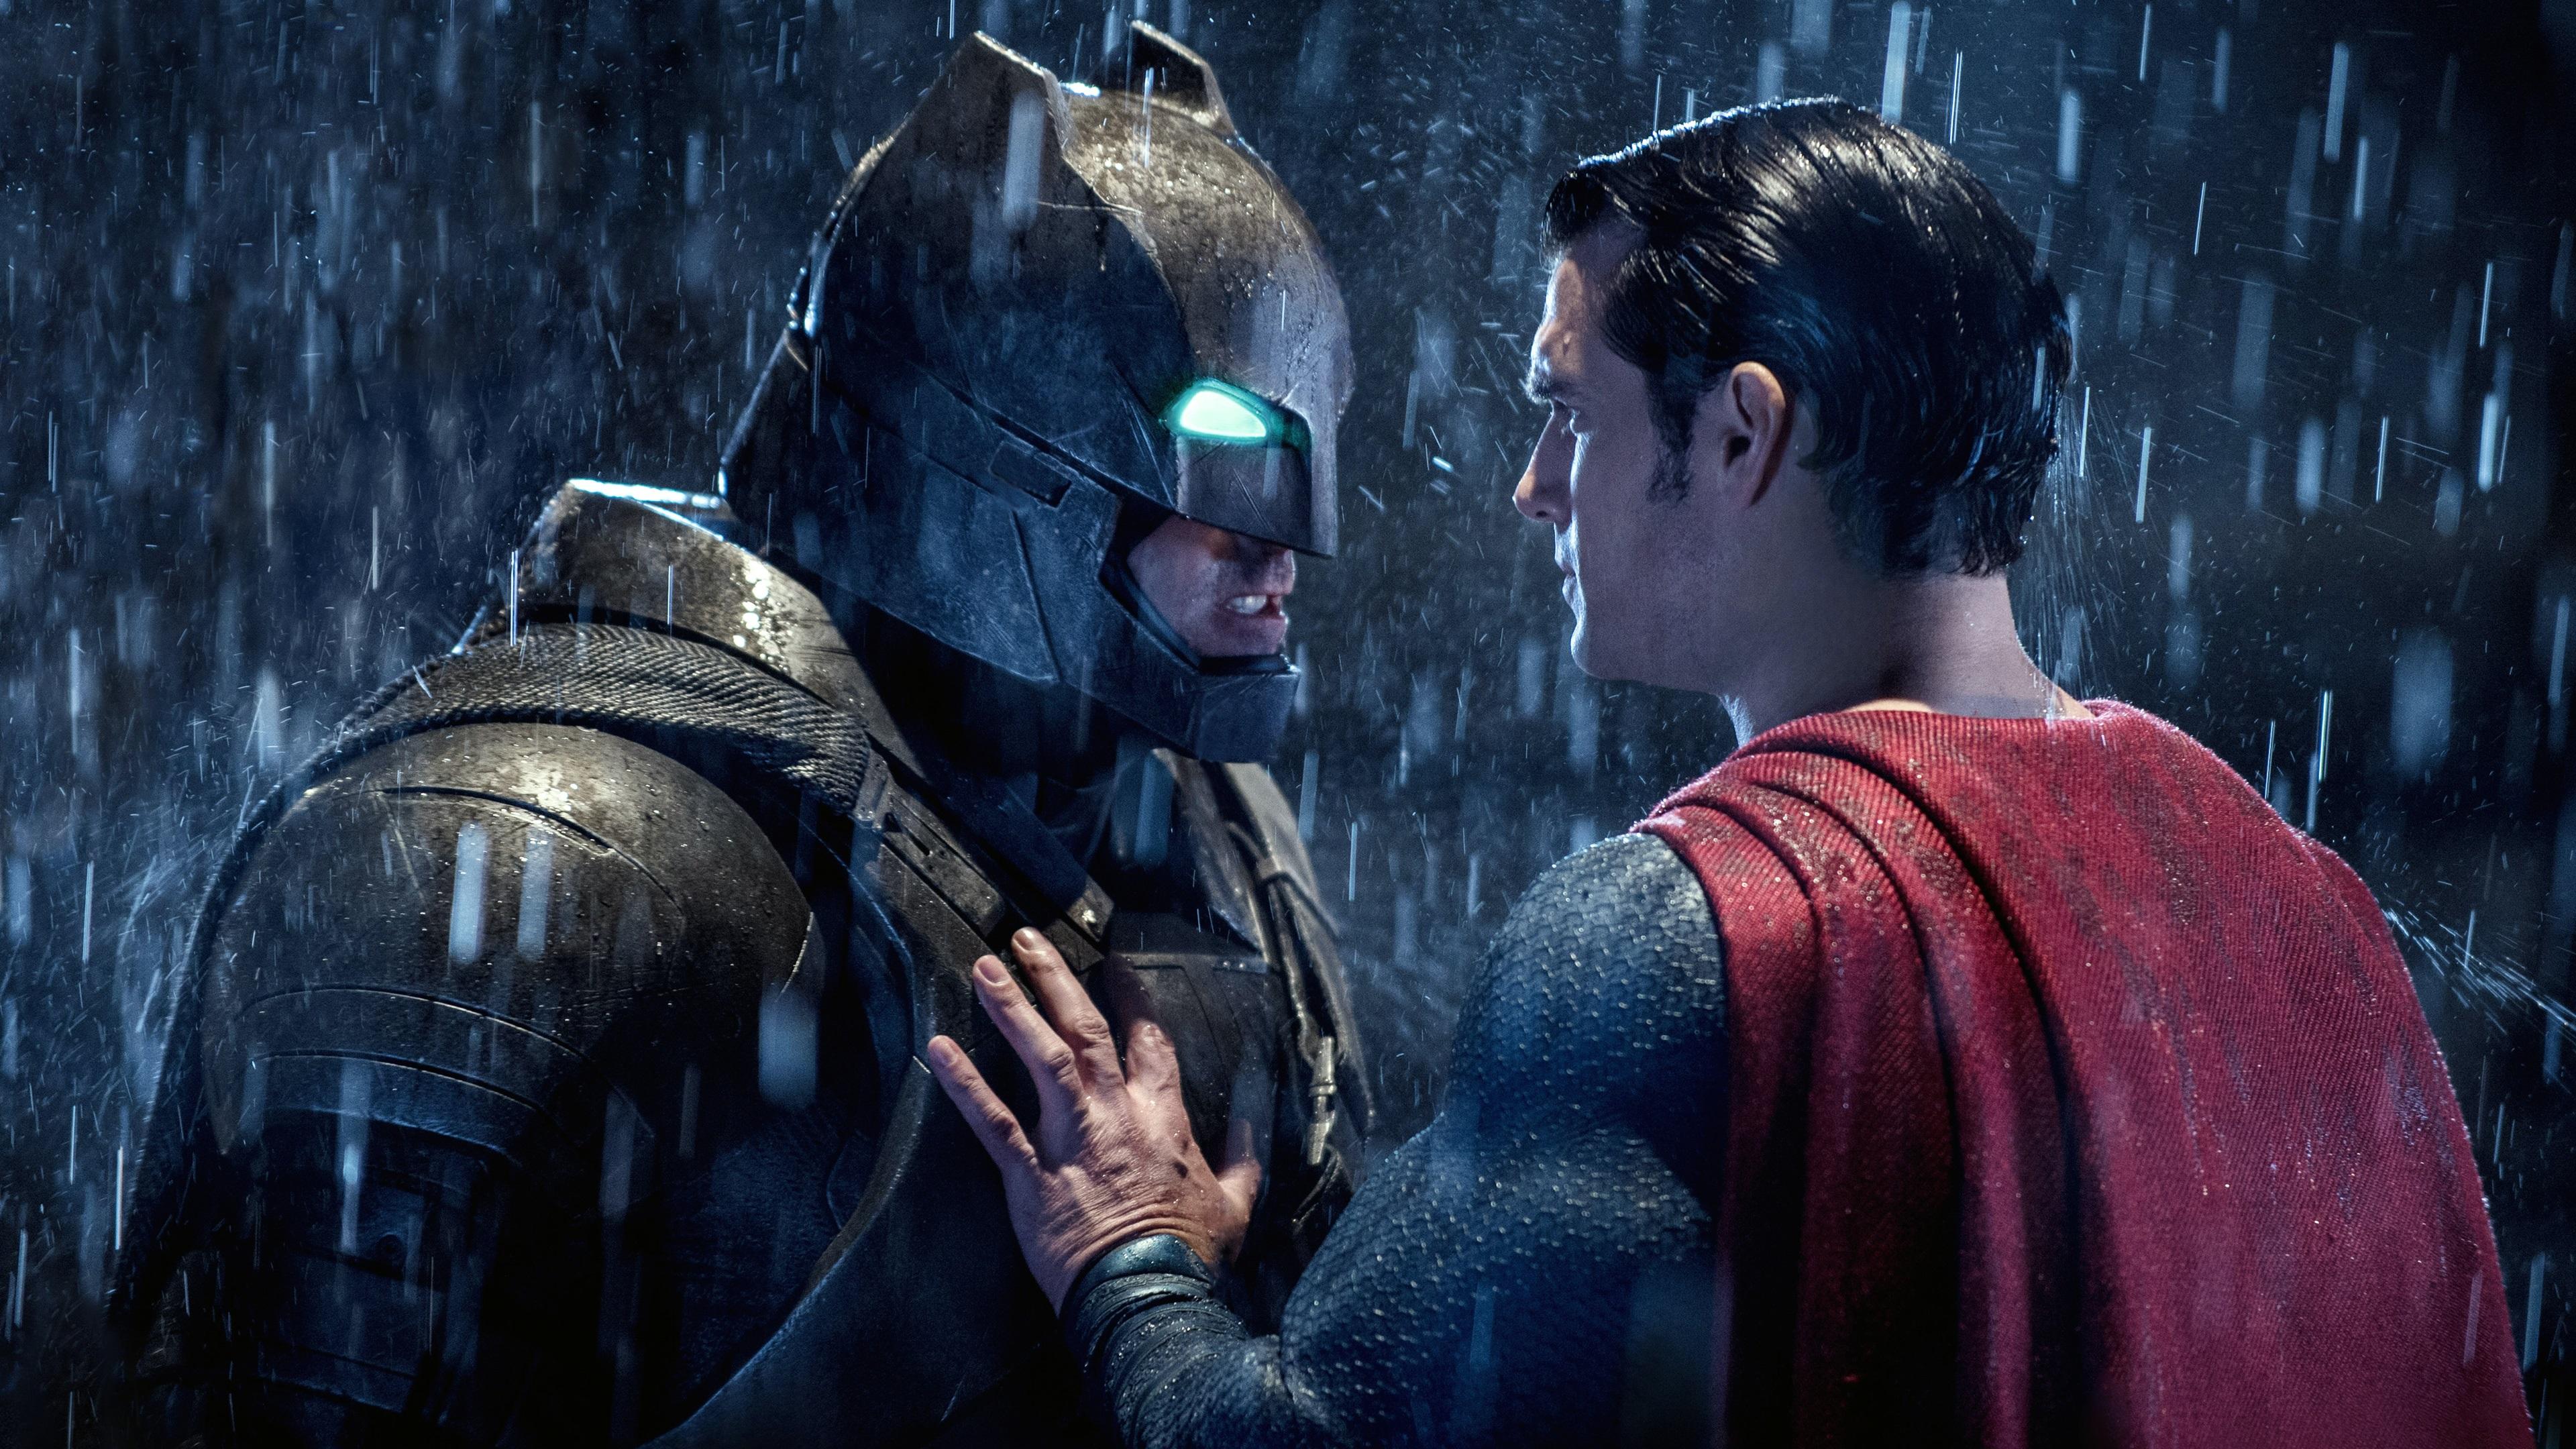 Wallpaper Batman V Superman 2016 Heroes Face To 3840x2160 UHD